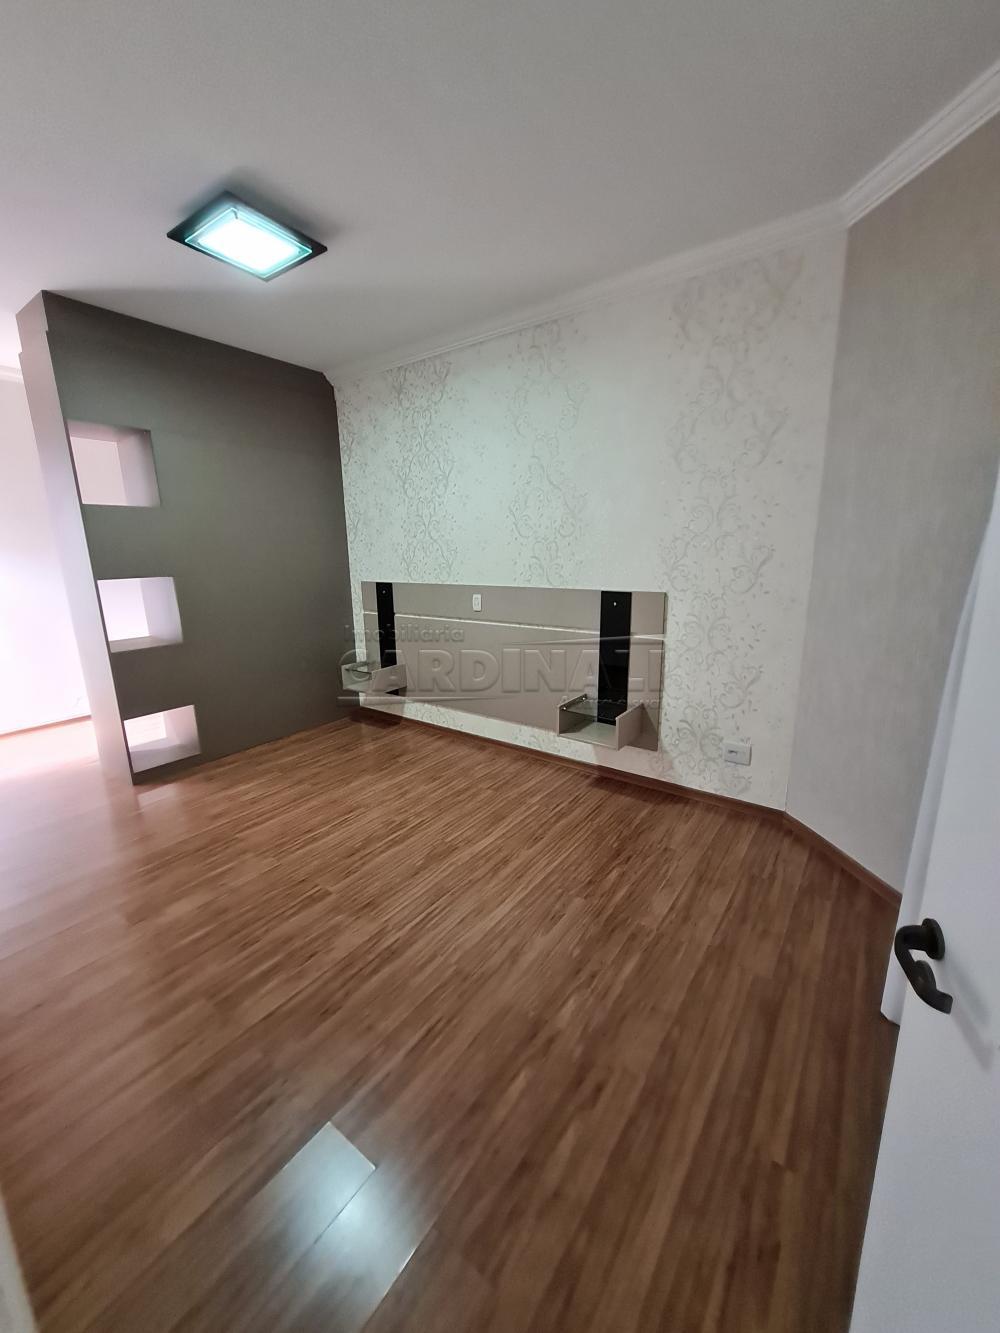 Comprar Casa / Condomínio em São Carlos R$ 865.000,00 - Foto 5